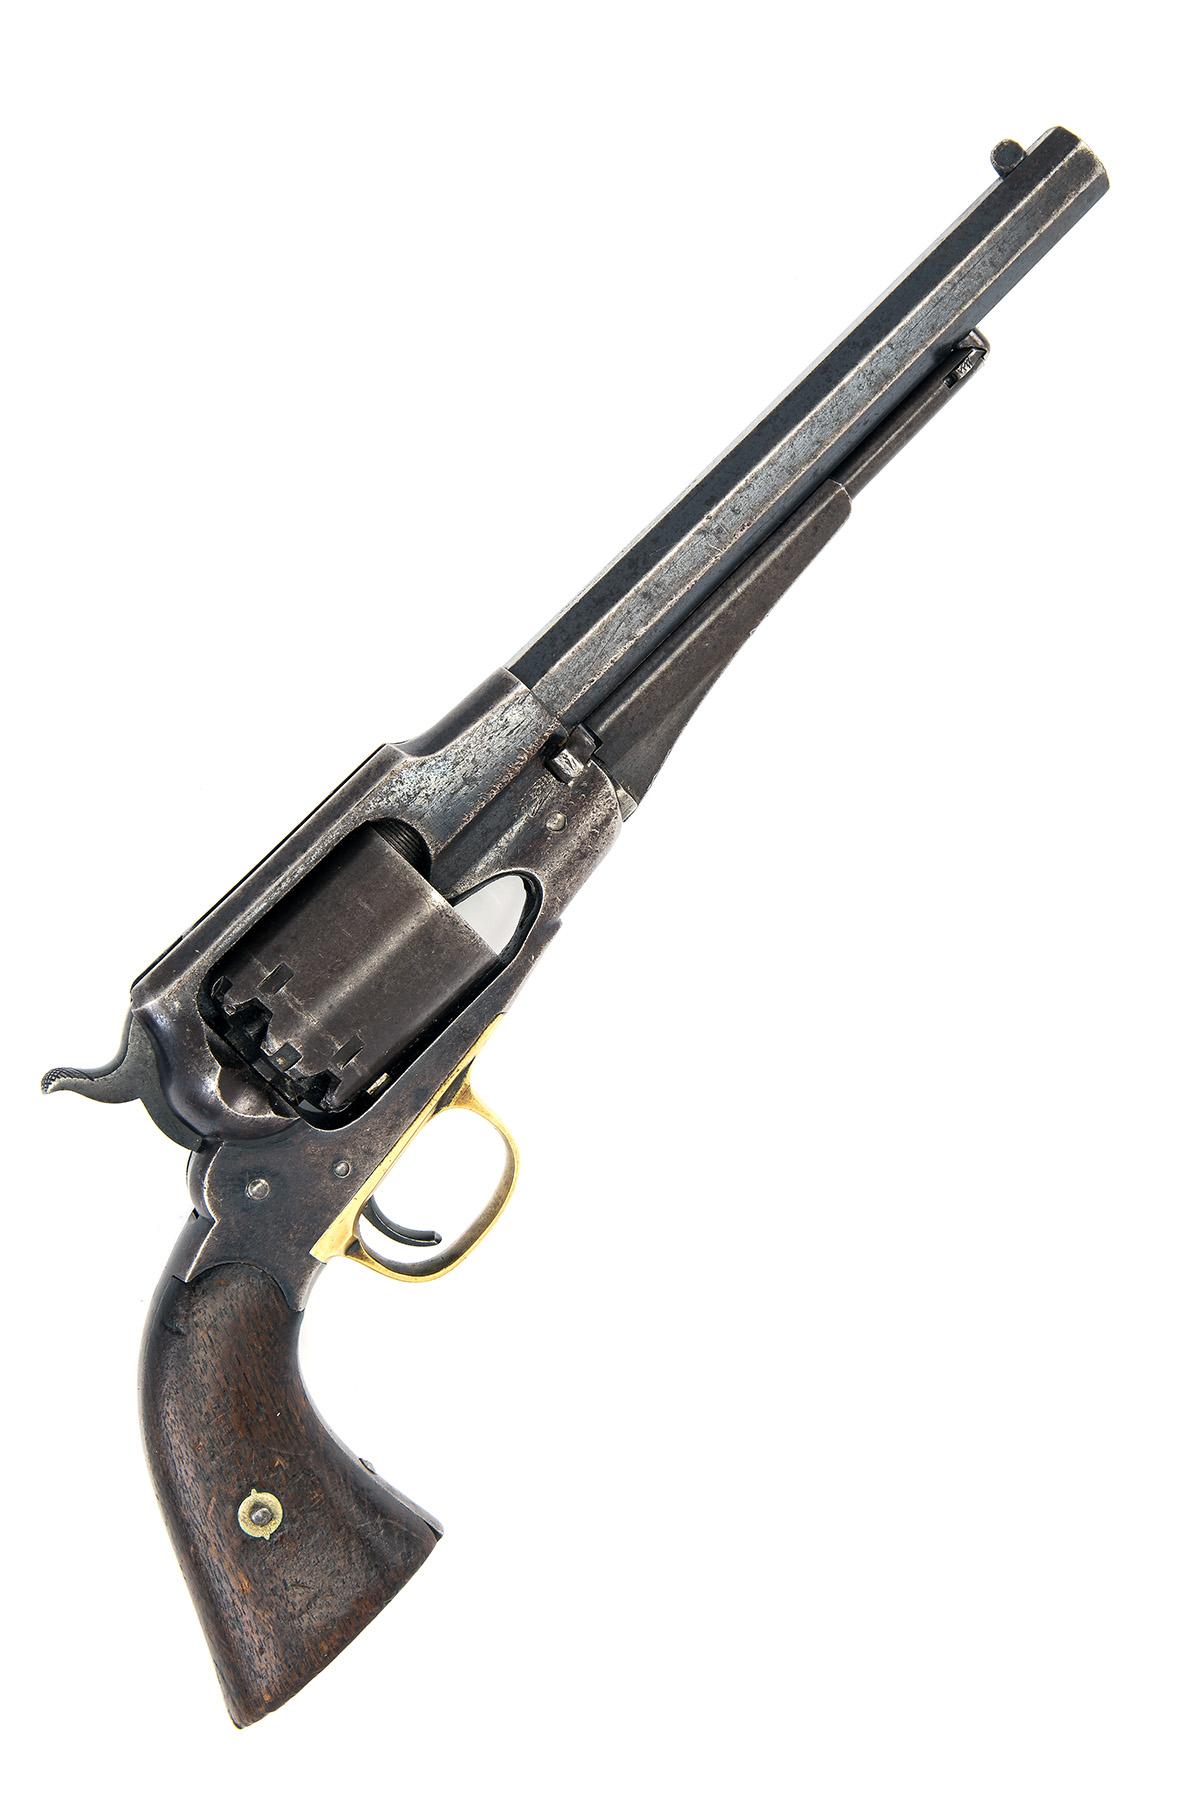 E. REMINGTON & SONS, USA A .44 PERCUSSION REVOLVER, MODEL '1858 NEW MODEL ARMY', serial no. 42618,